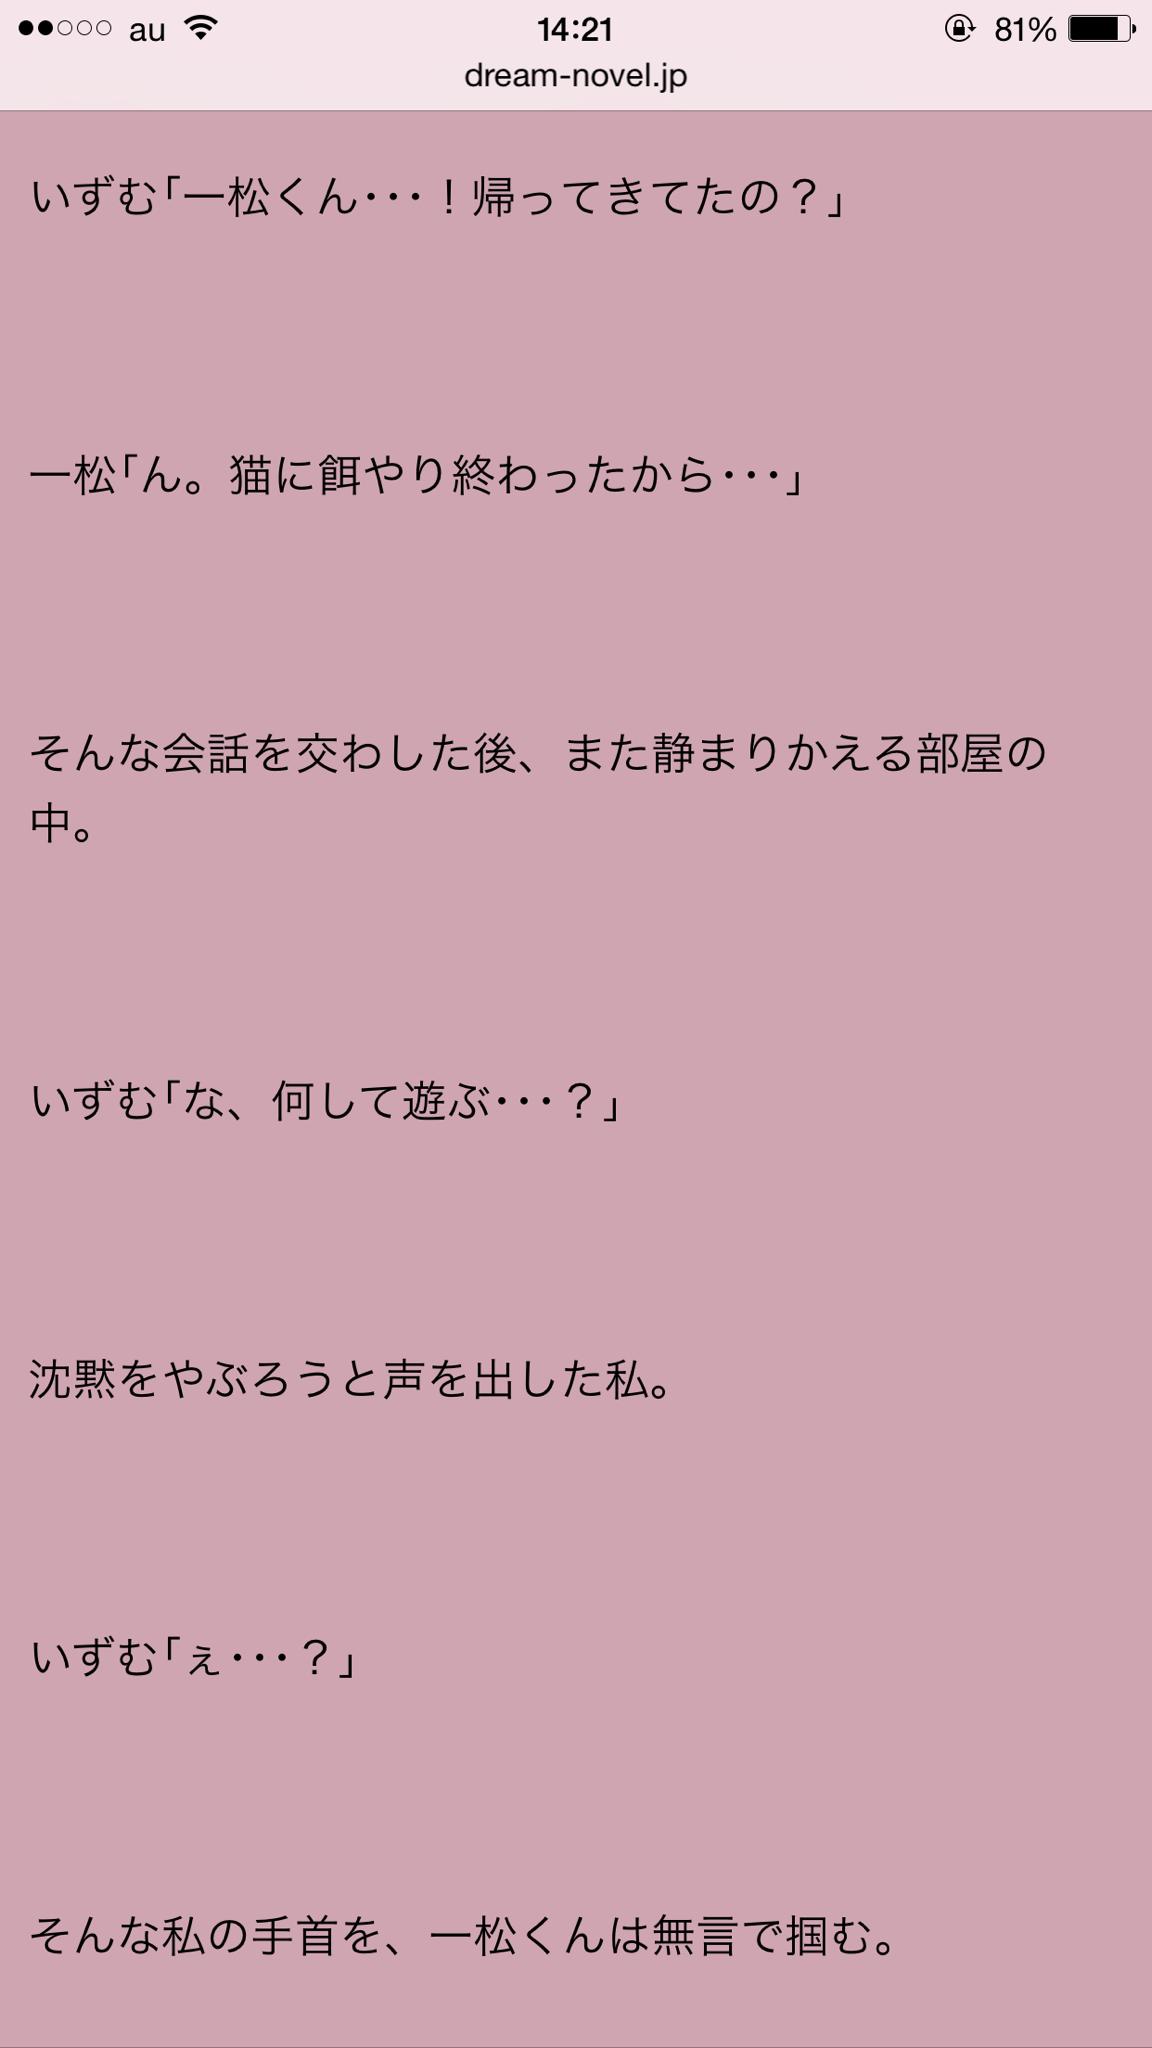 夢小説でおそ松同人の主人公なれるサービスが話題に!!